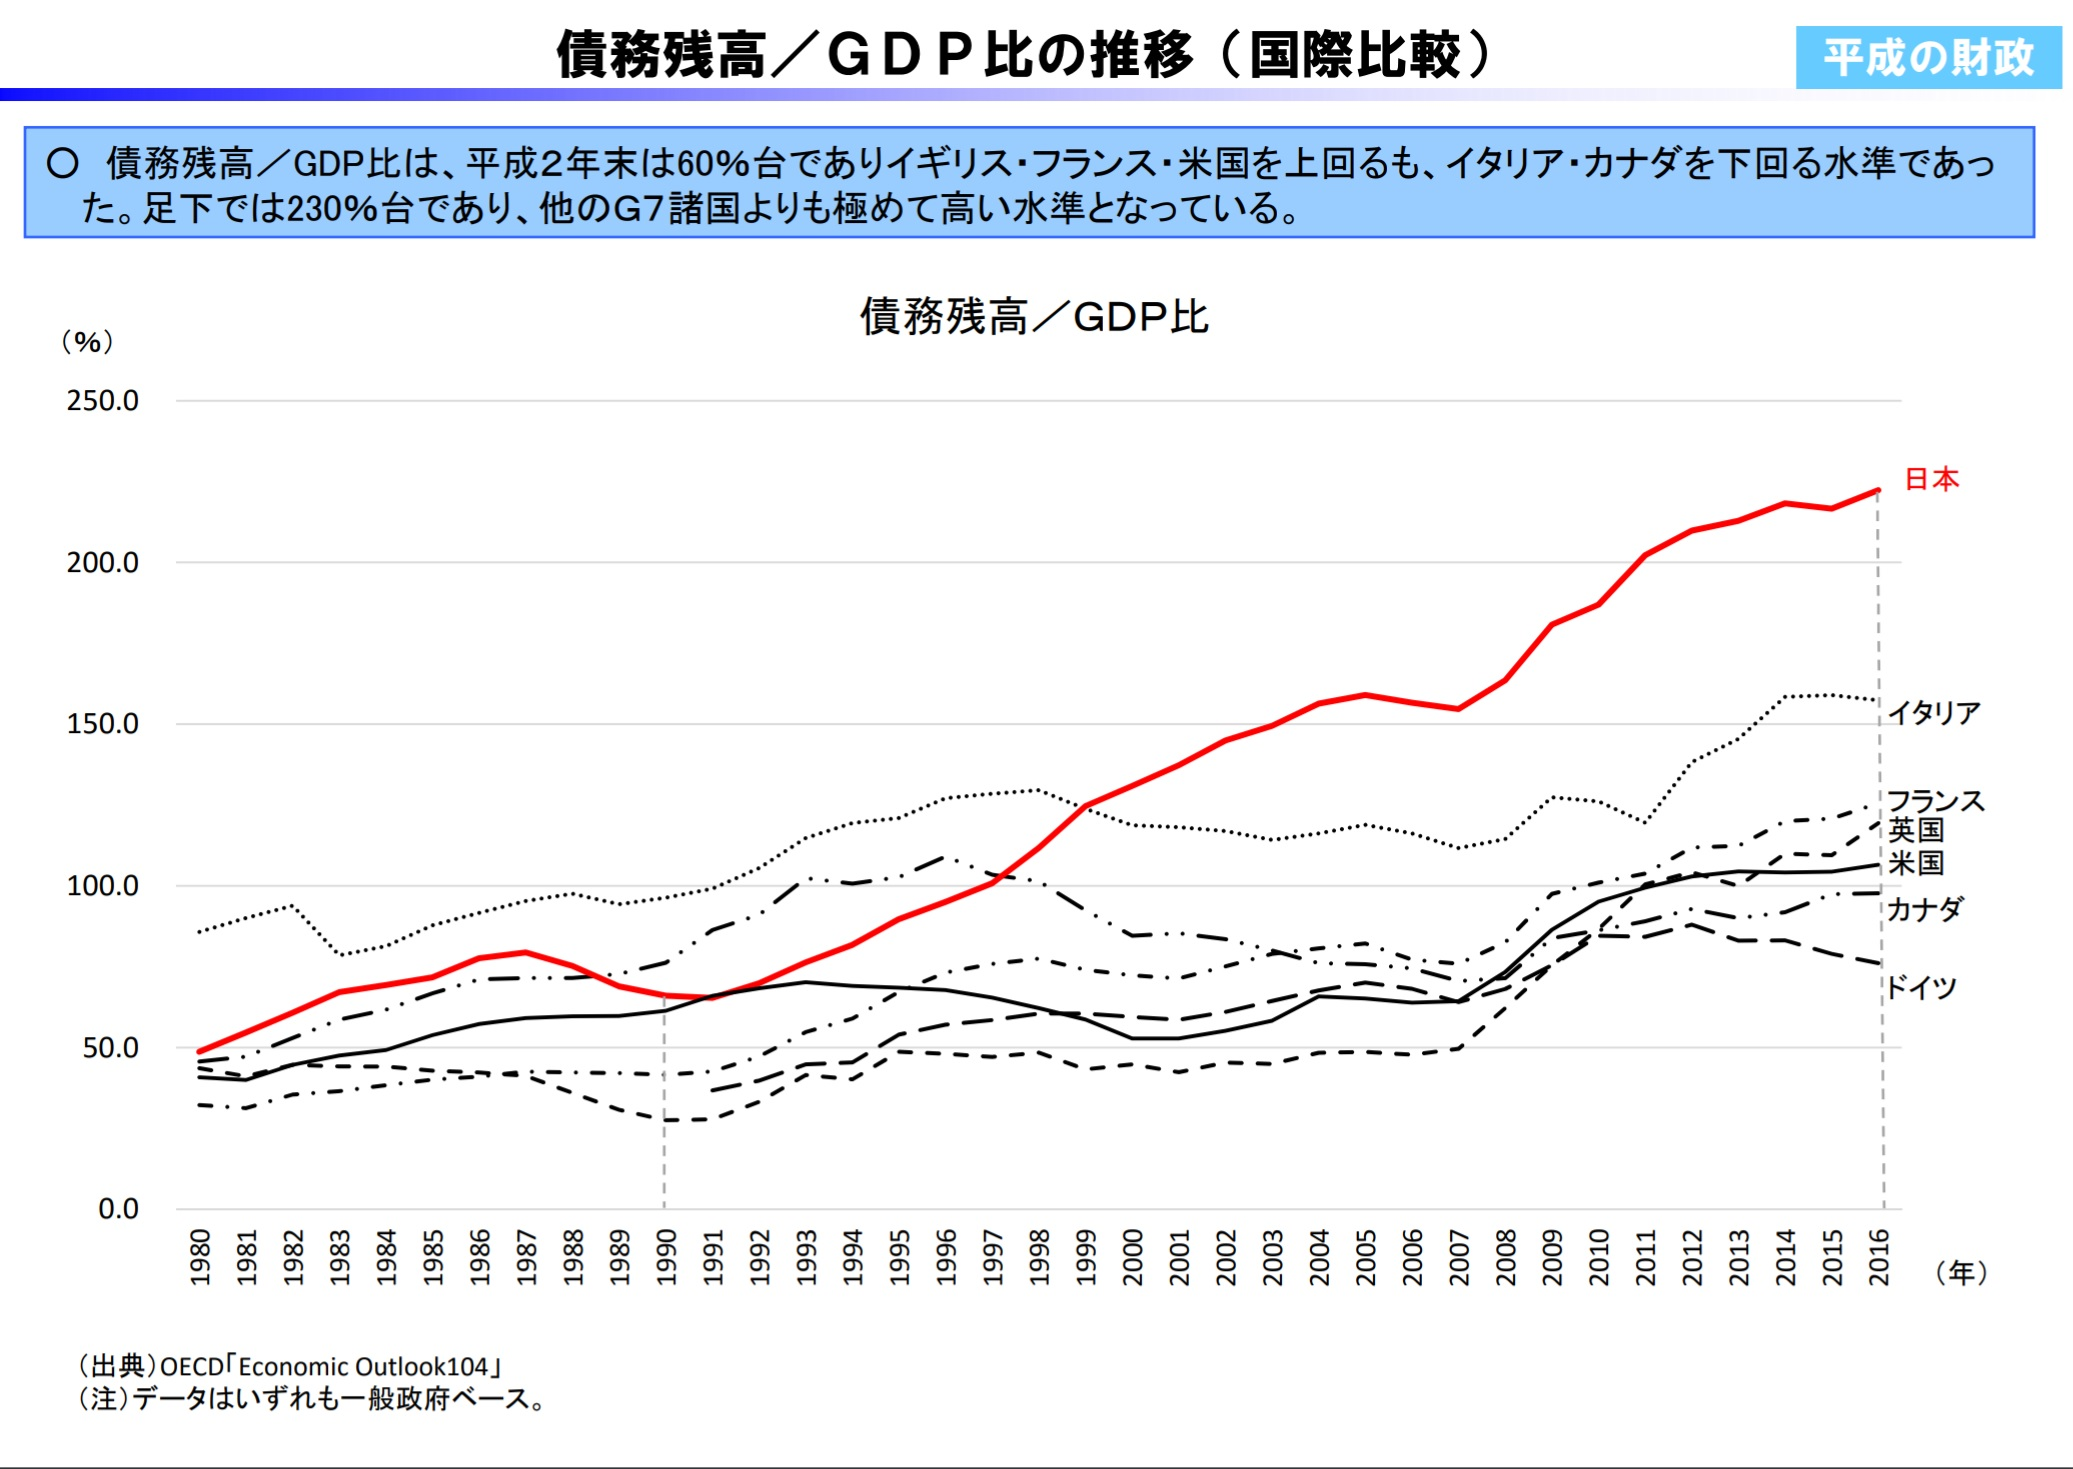 債務残高GDP